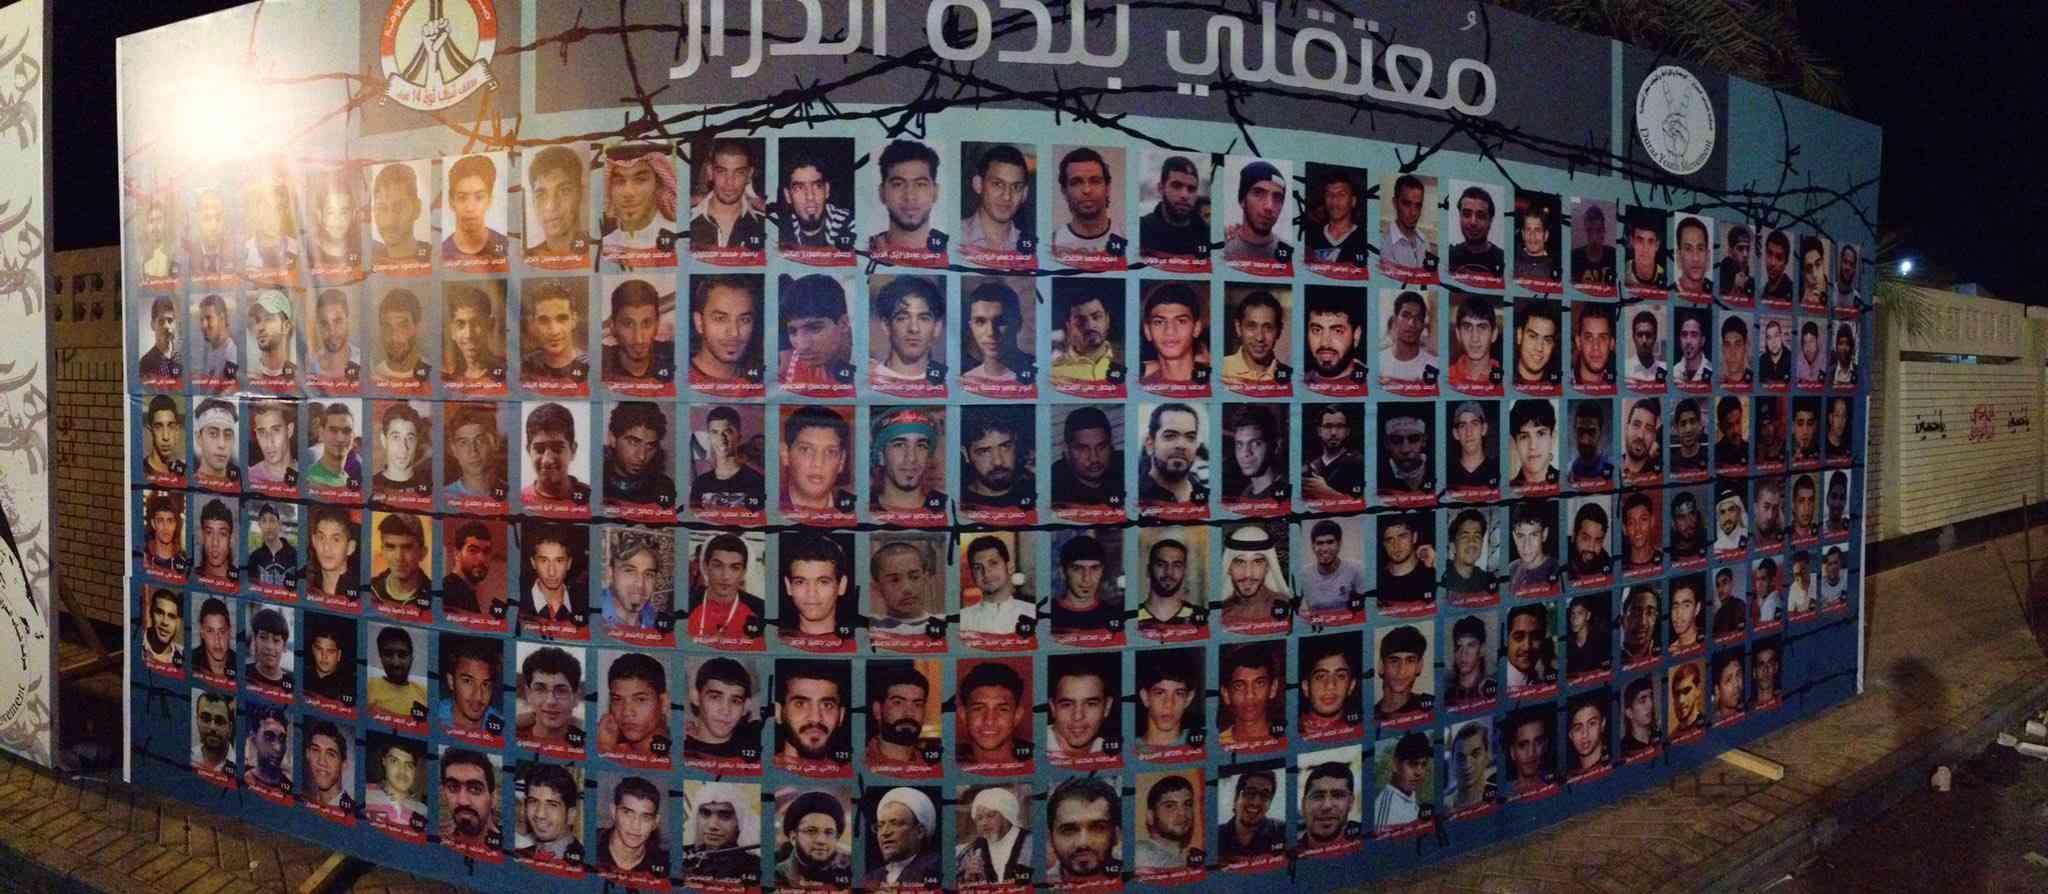 صور المعتقلين حاضرة في المراسم العاشورائيّة تحت عنوان «تشتاقكم المواكب والمآتم»